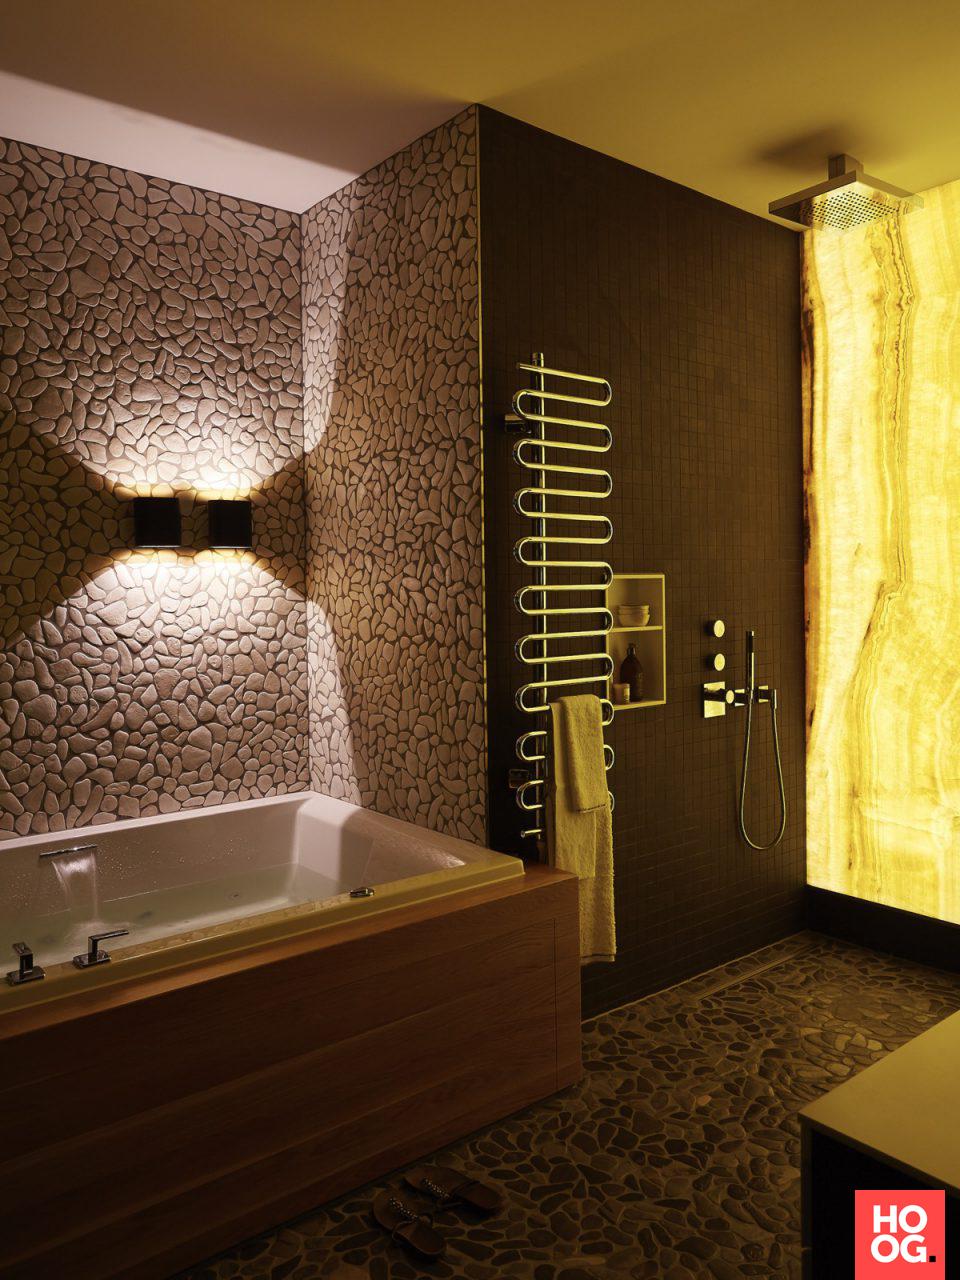 Luxe badkamer met open badkamermeubel en badkuip | badkamer ideeen ...